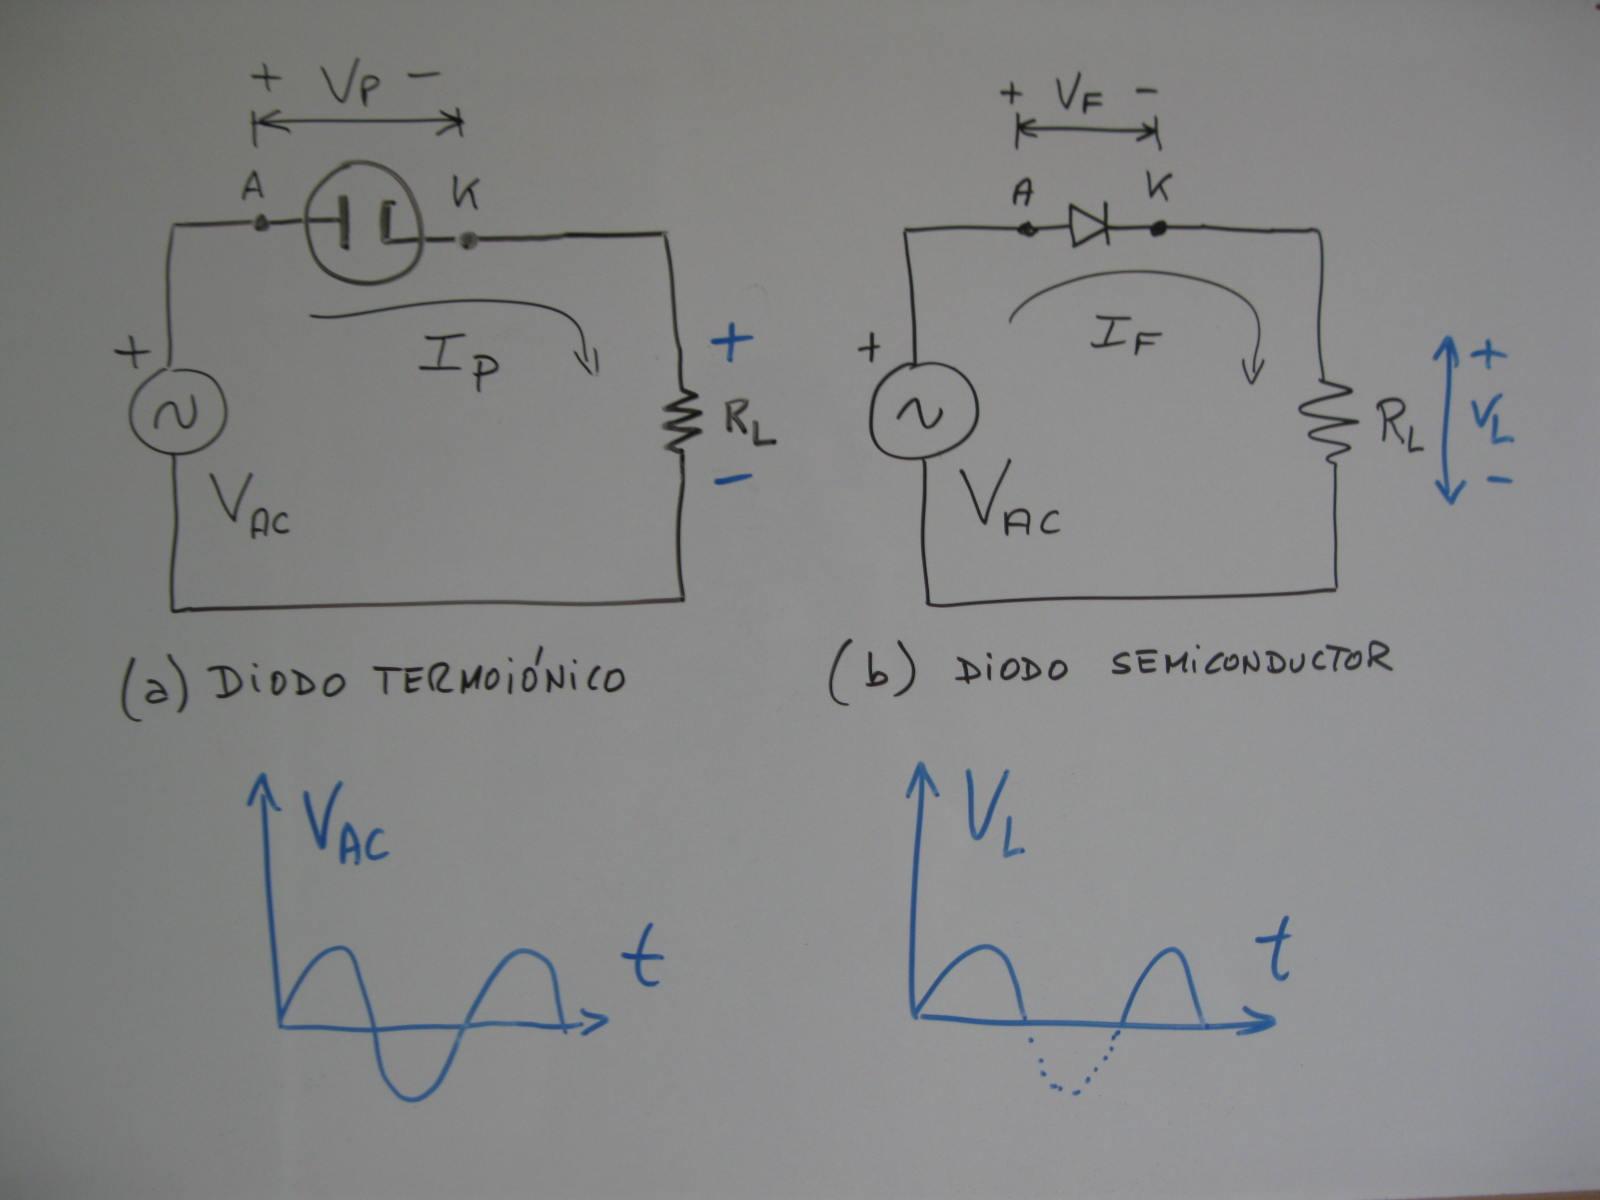 Circuito Rectificador : Puente rectificador kbu v a electrocomponentes